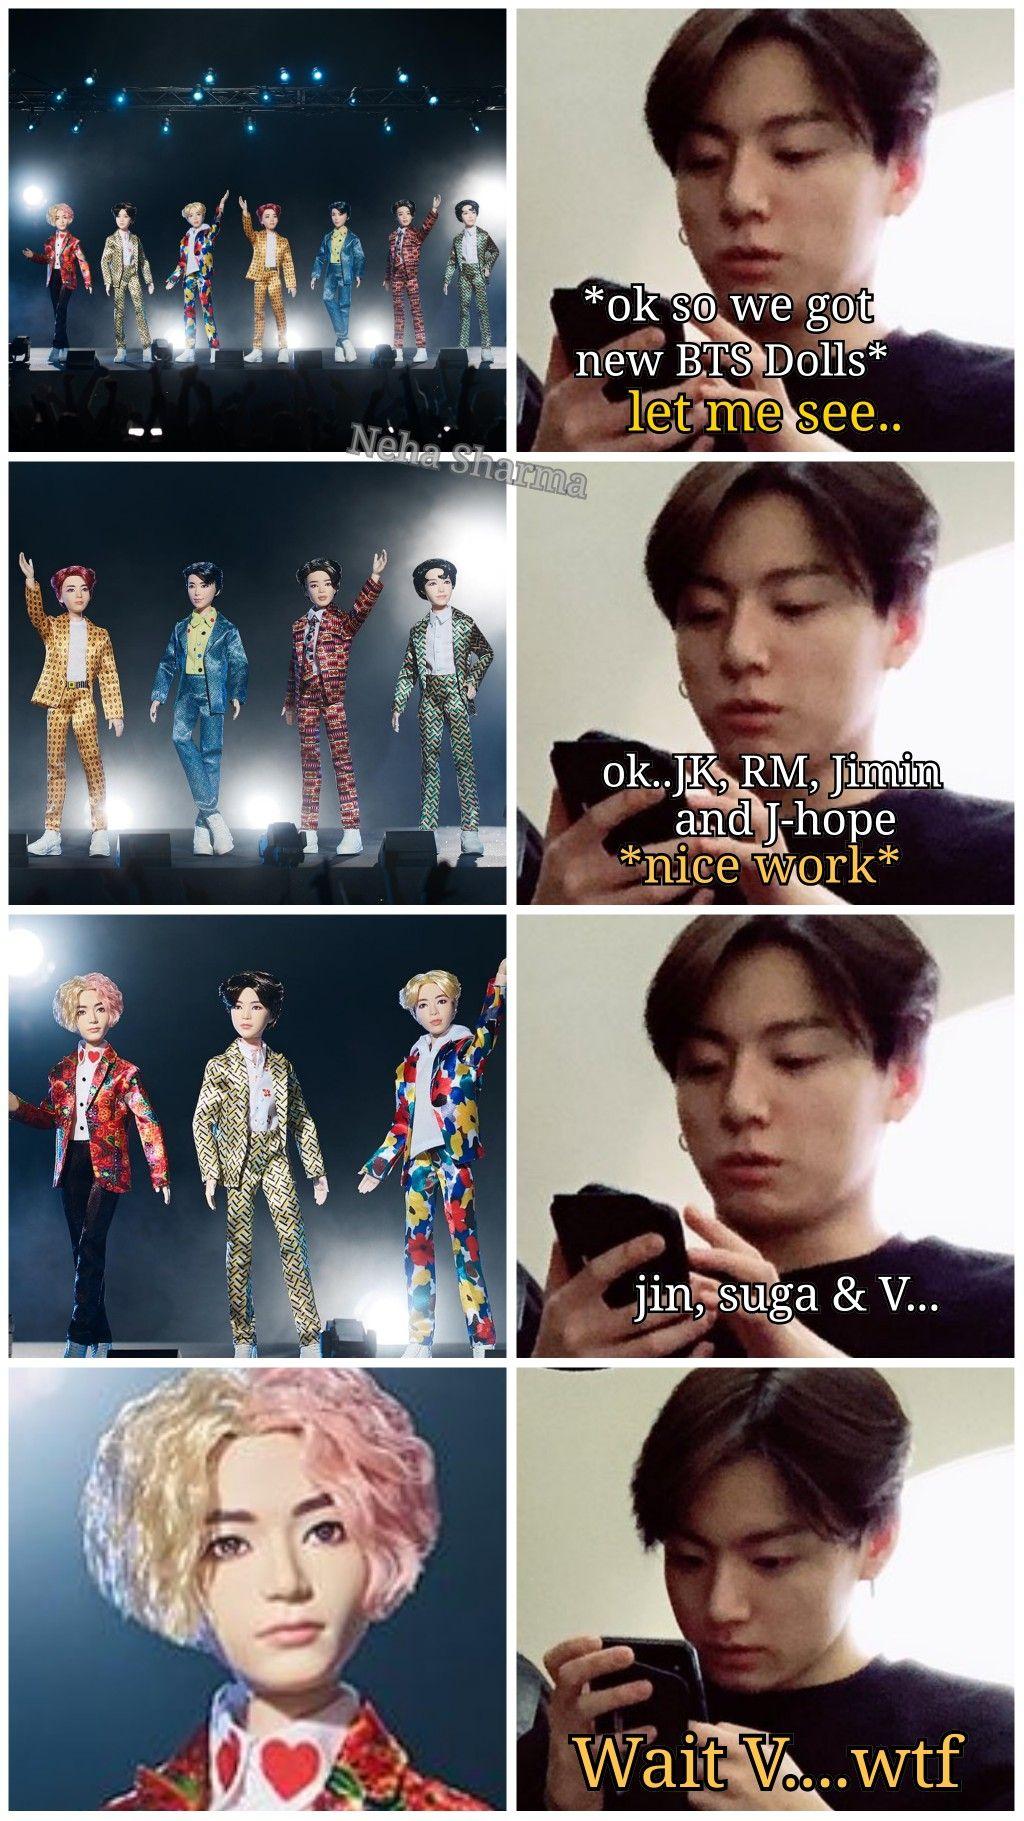 Pin By Brinna Gosche On Bts Memes Kpop Memes Bts Bts Funny Bts Memes